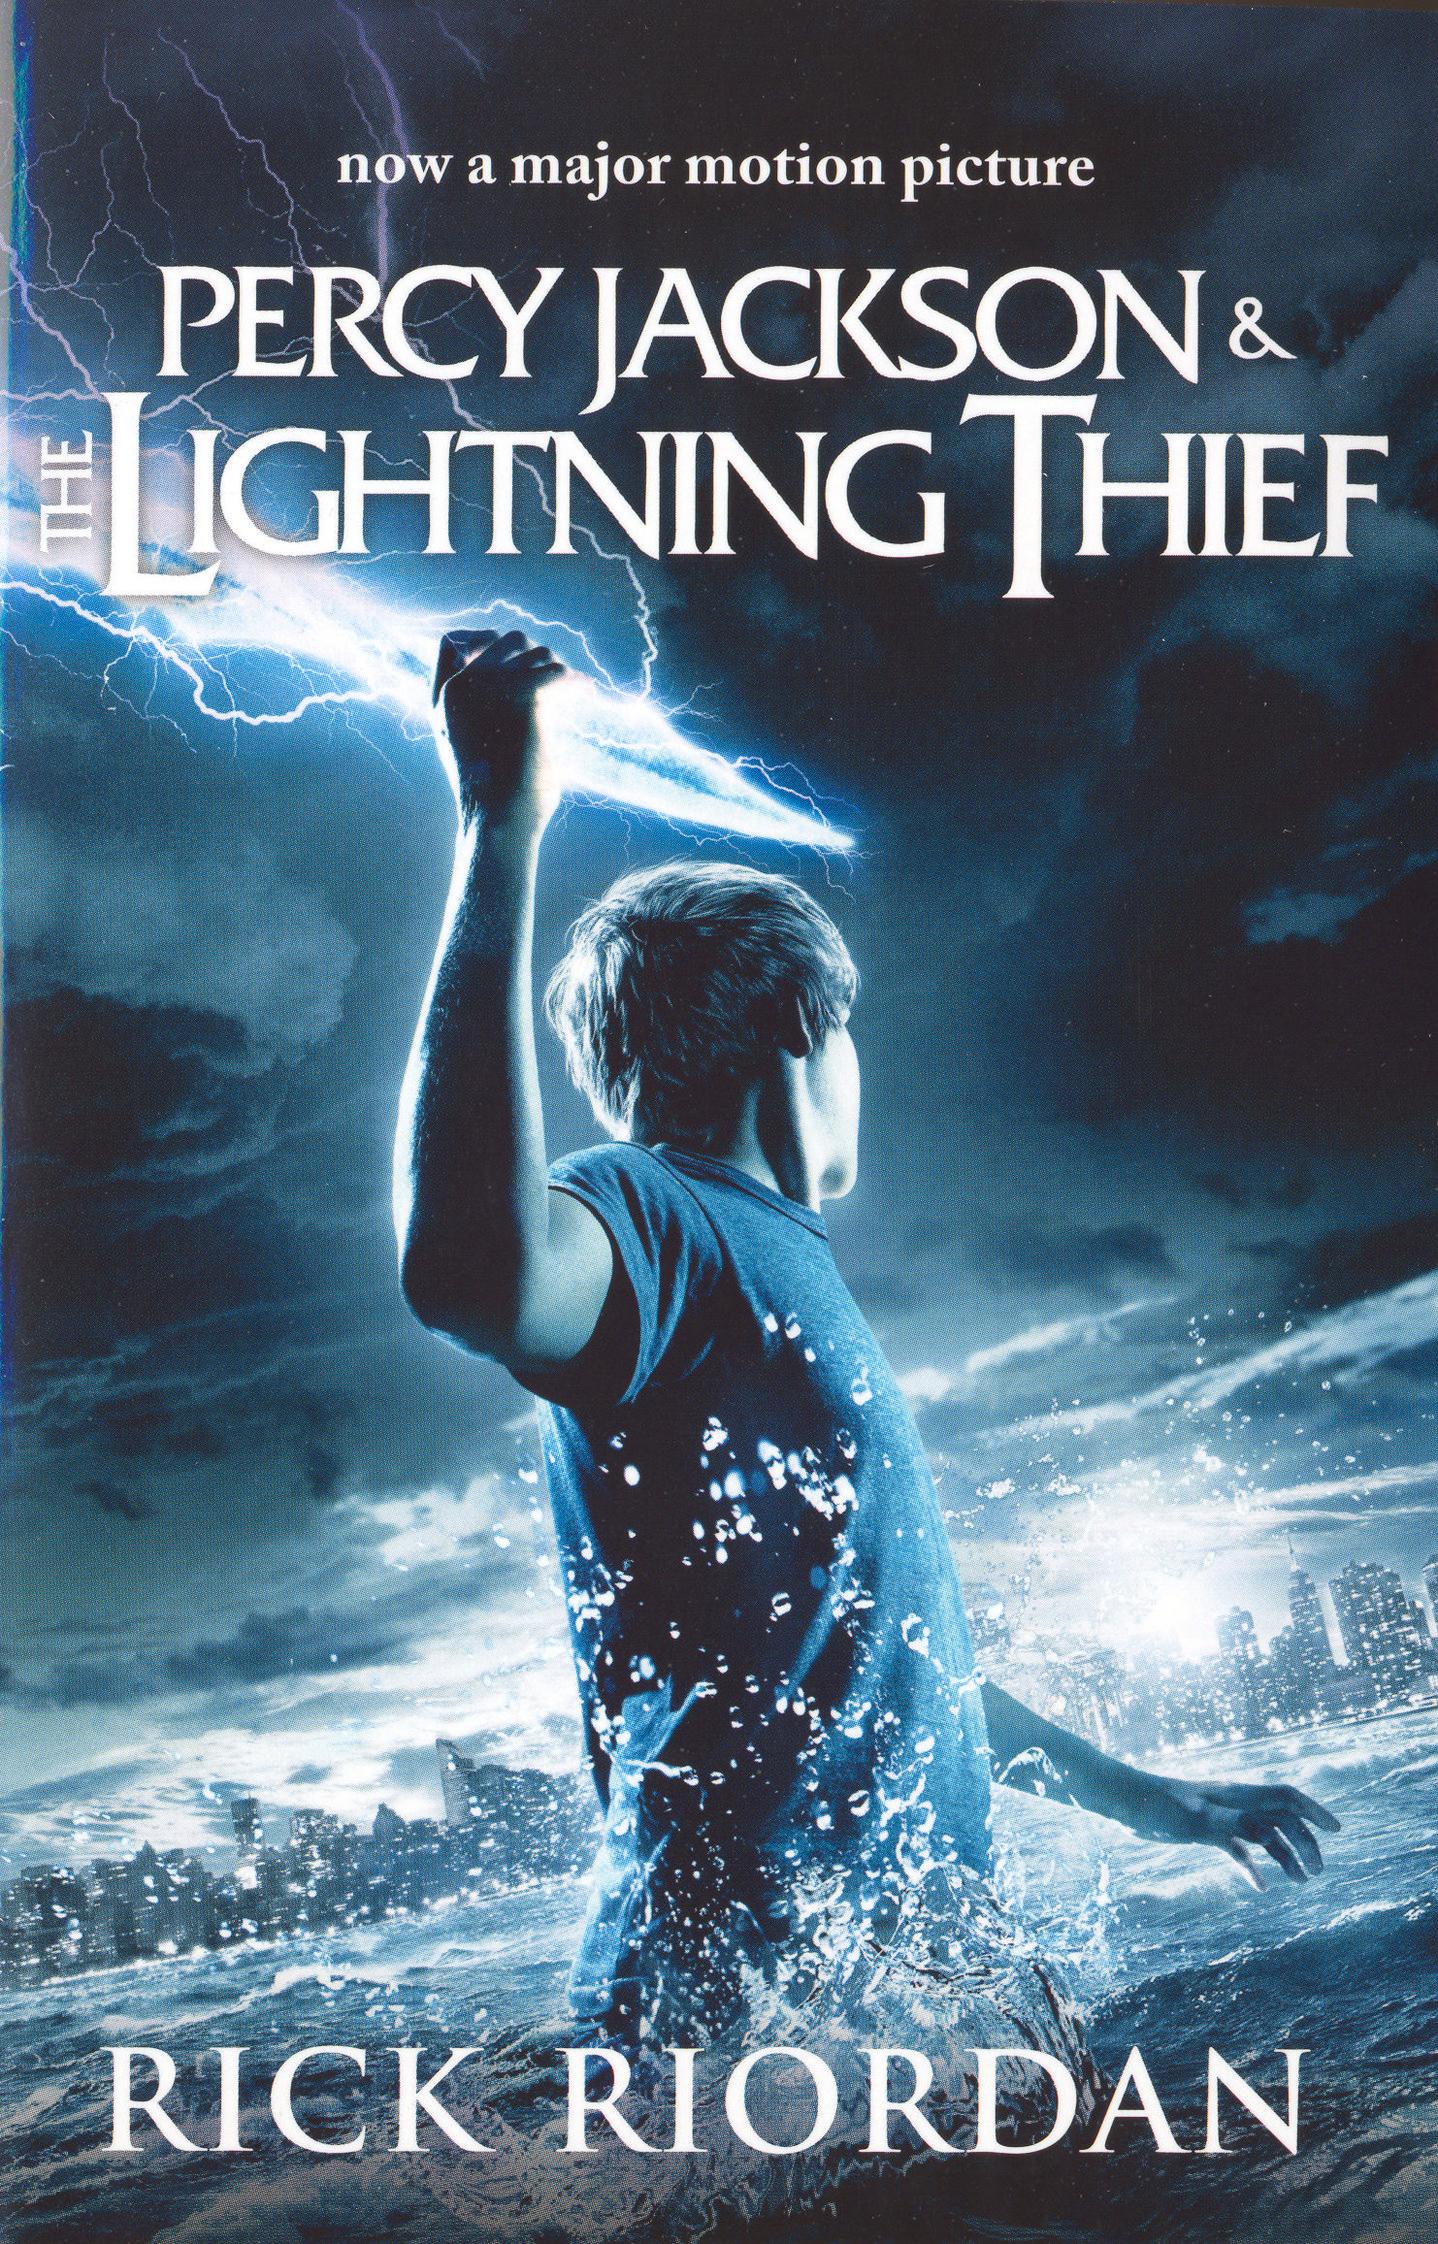 Percy Jackson & The Lightning Thief | novel summary